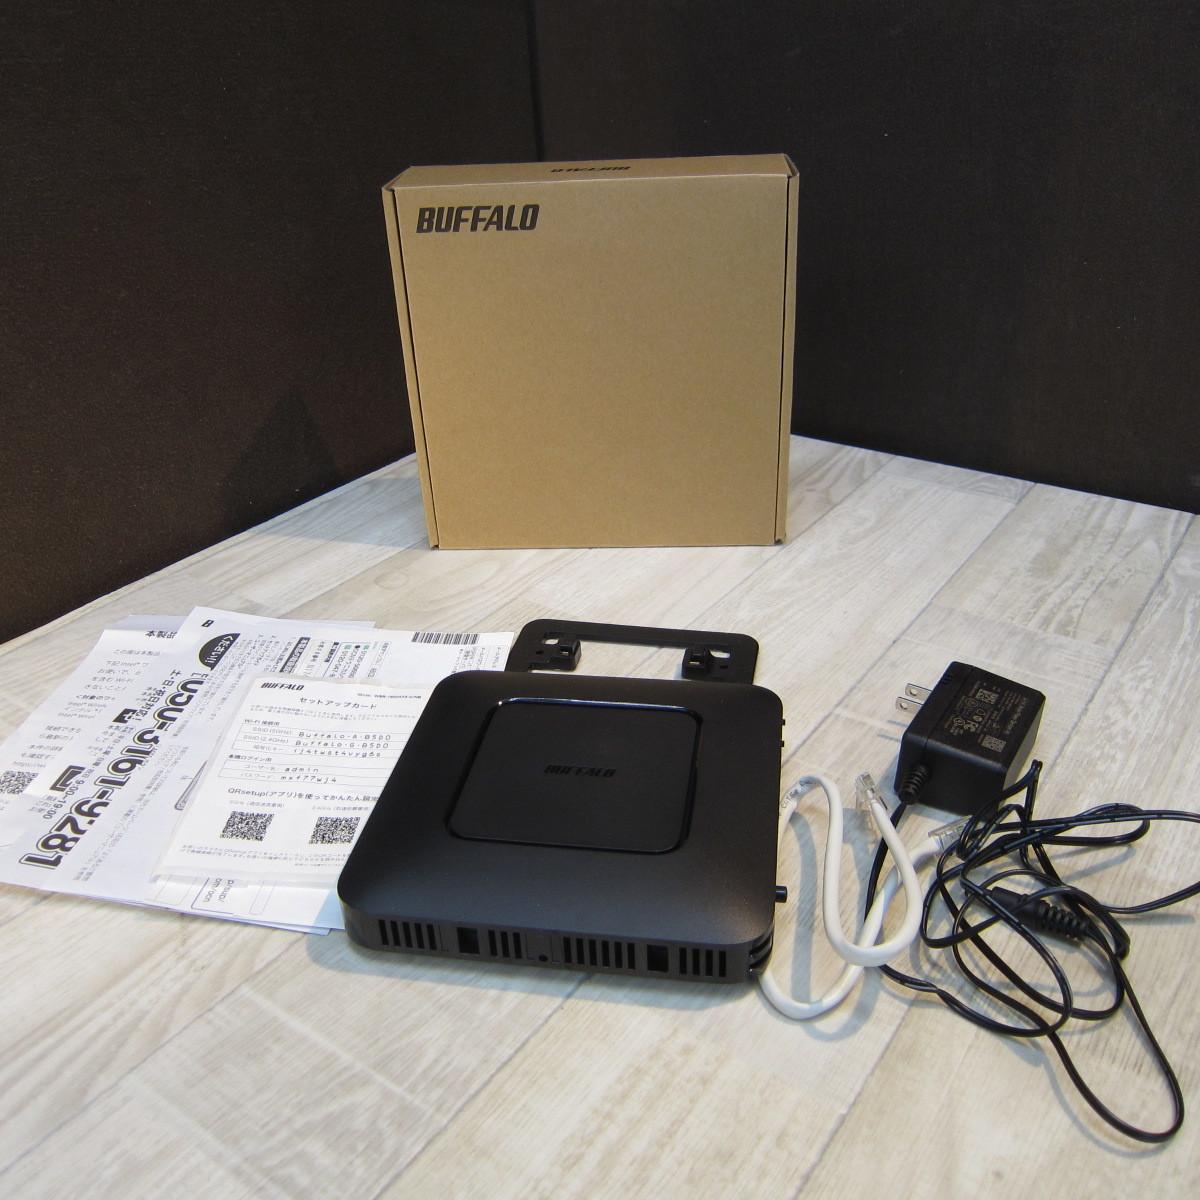 B1916【美品】バッファローWiFi ルーター無線LAN 最新規格 Wi-Fi6 11ax / 11ac AX1800 574+1200Mbps 日本メーカー WSR-1